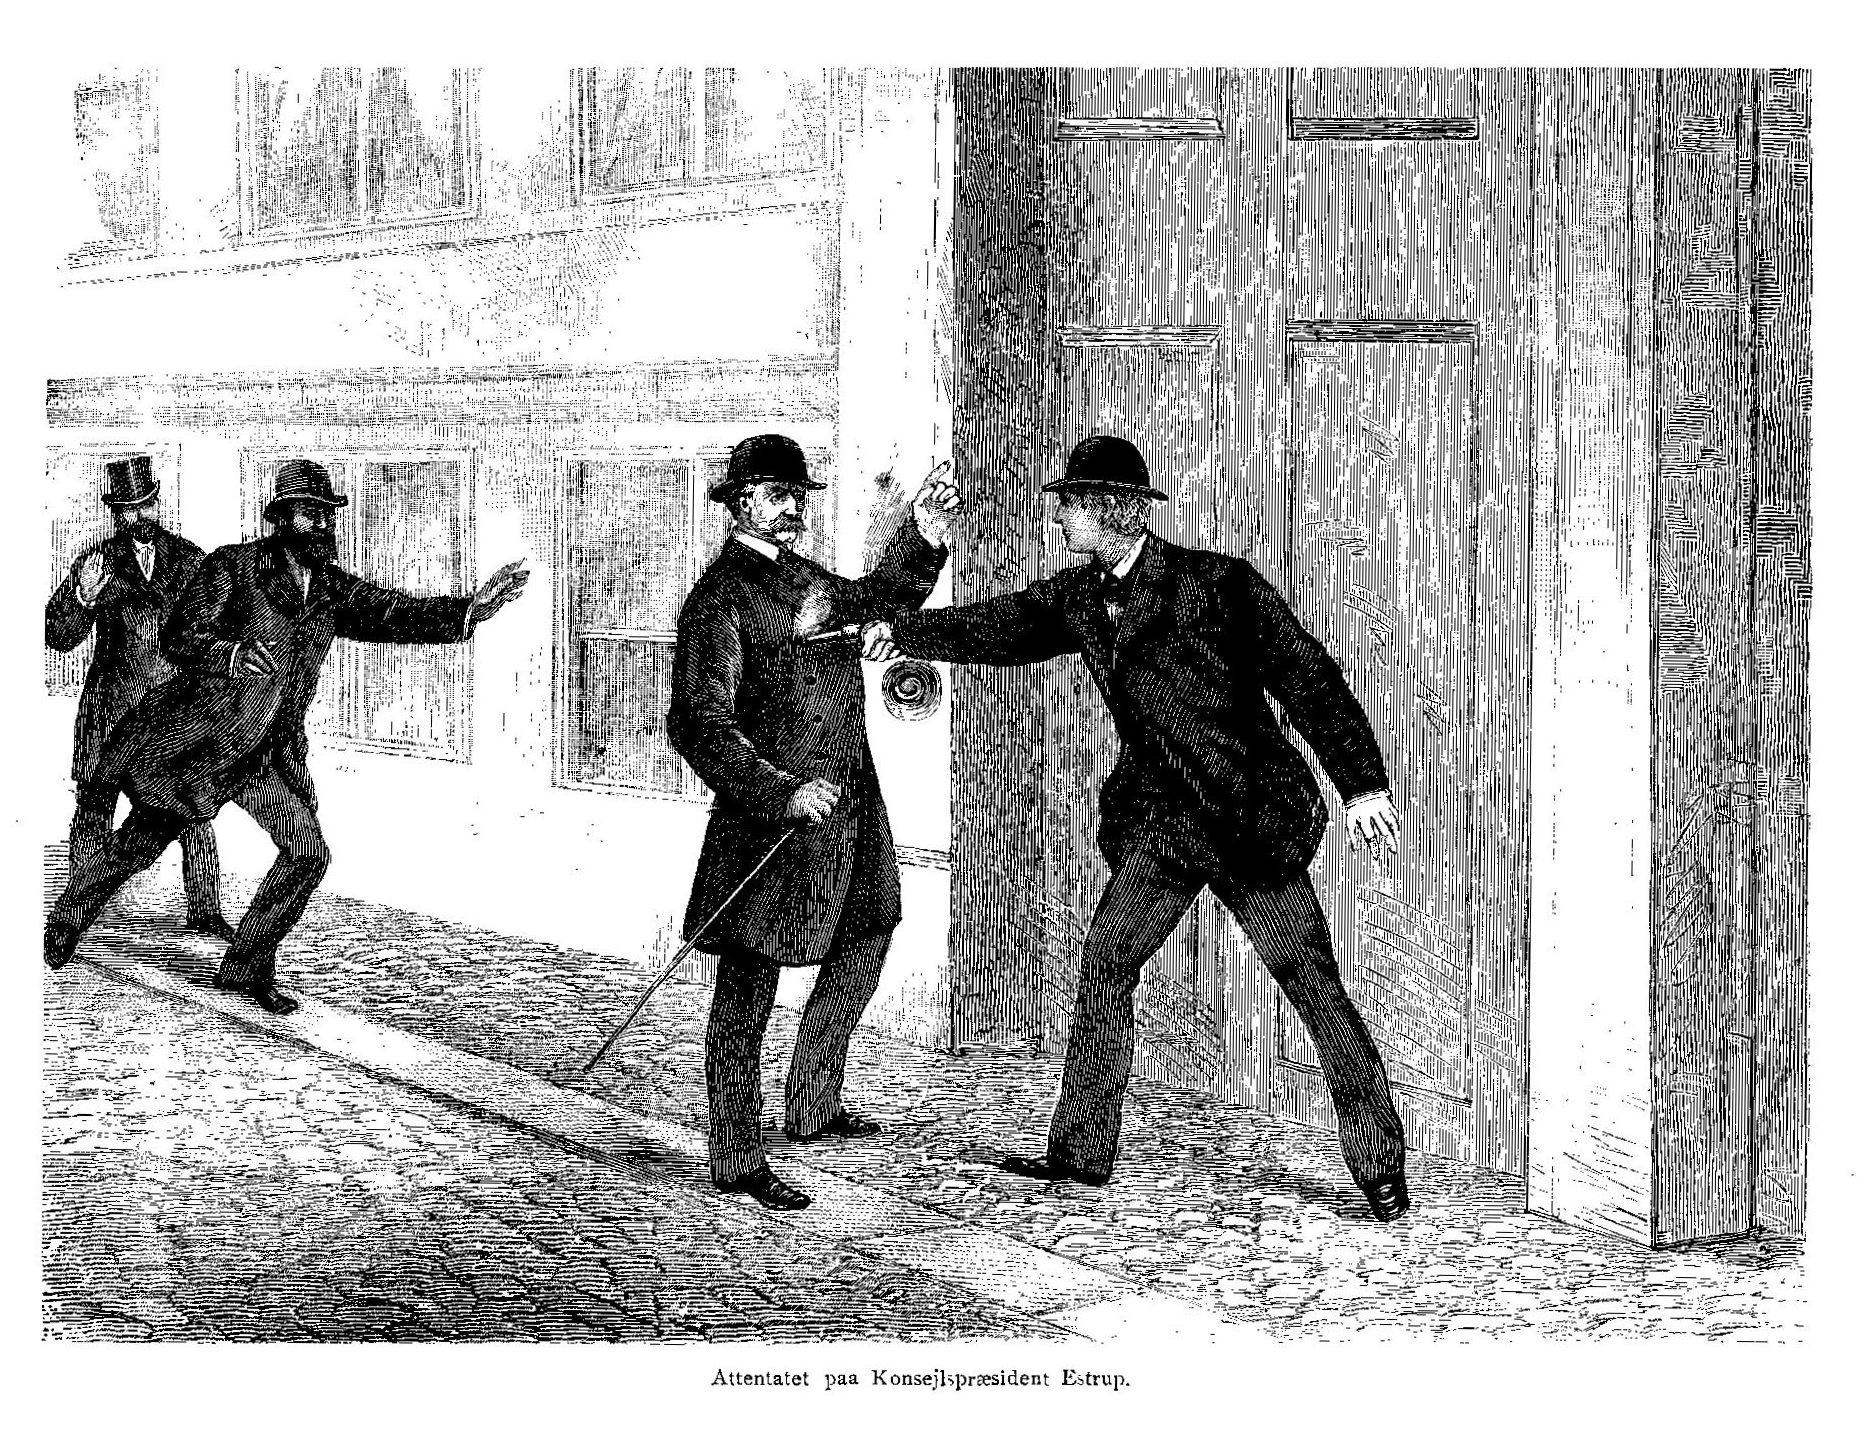 Julius Rasmussens mislykkede mordforsøg på den danske råds præsident J.B.S. Estrup den 21. oktober 1885 i København. Træsnit fra Illustreret Tidende, 25. oktober 1885. Tegner: Ukendt. Public Domain.